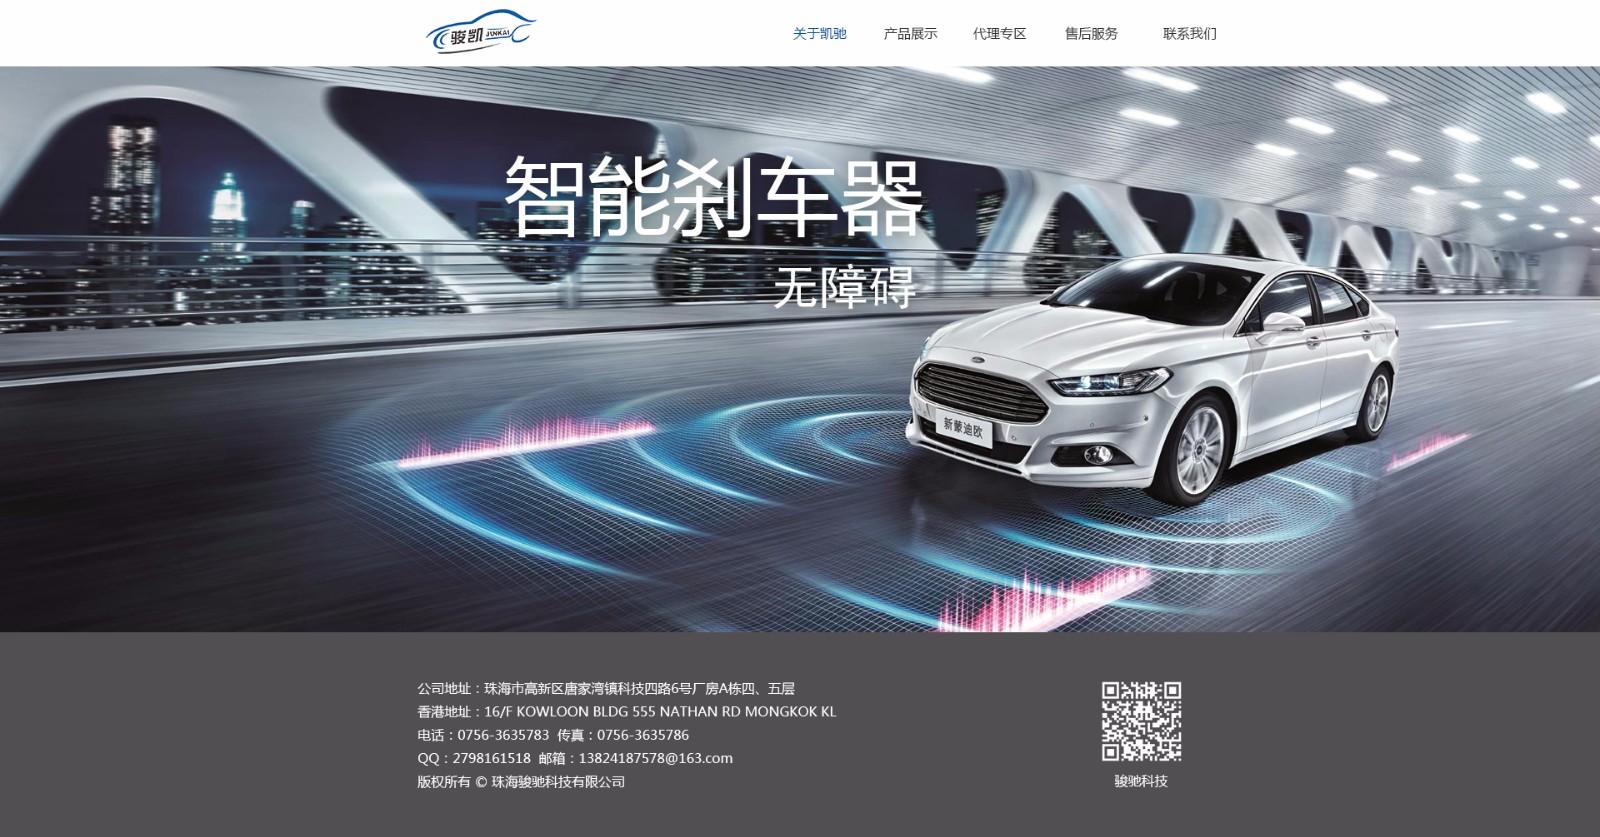 半自动驾驶汽车智能防碰撞系统/刹车供应商/珠海骏凯智能科技有限公司